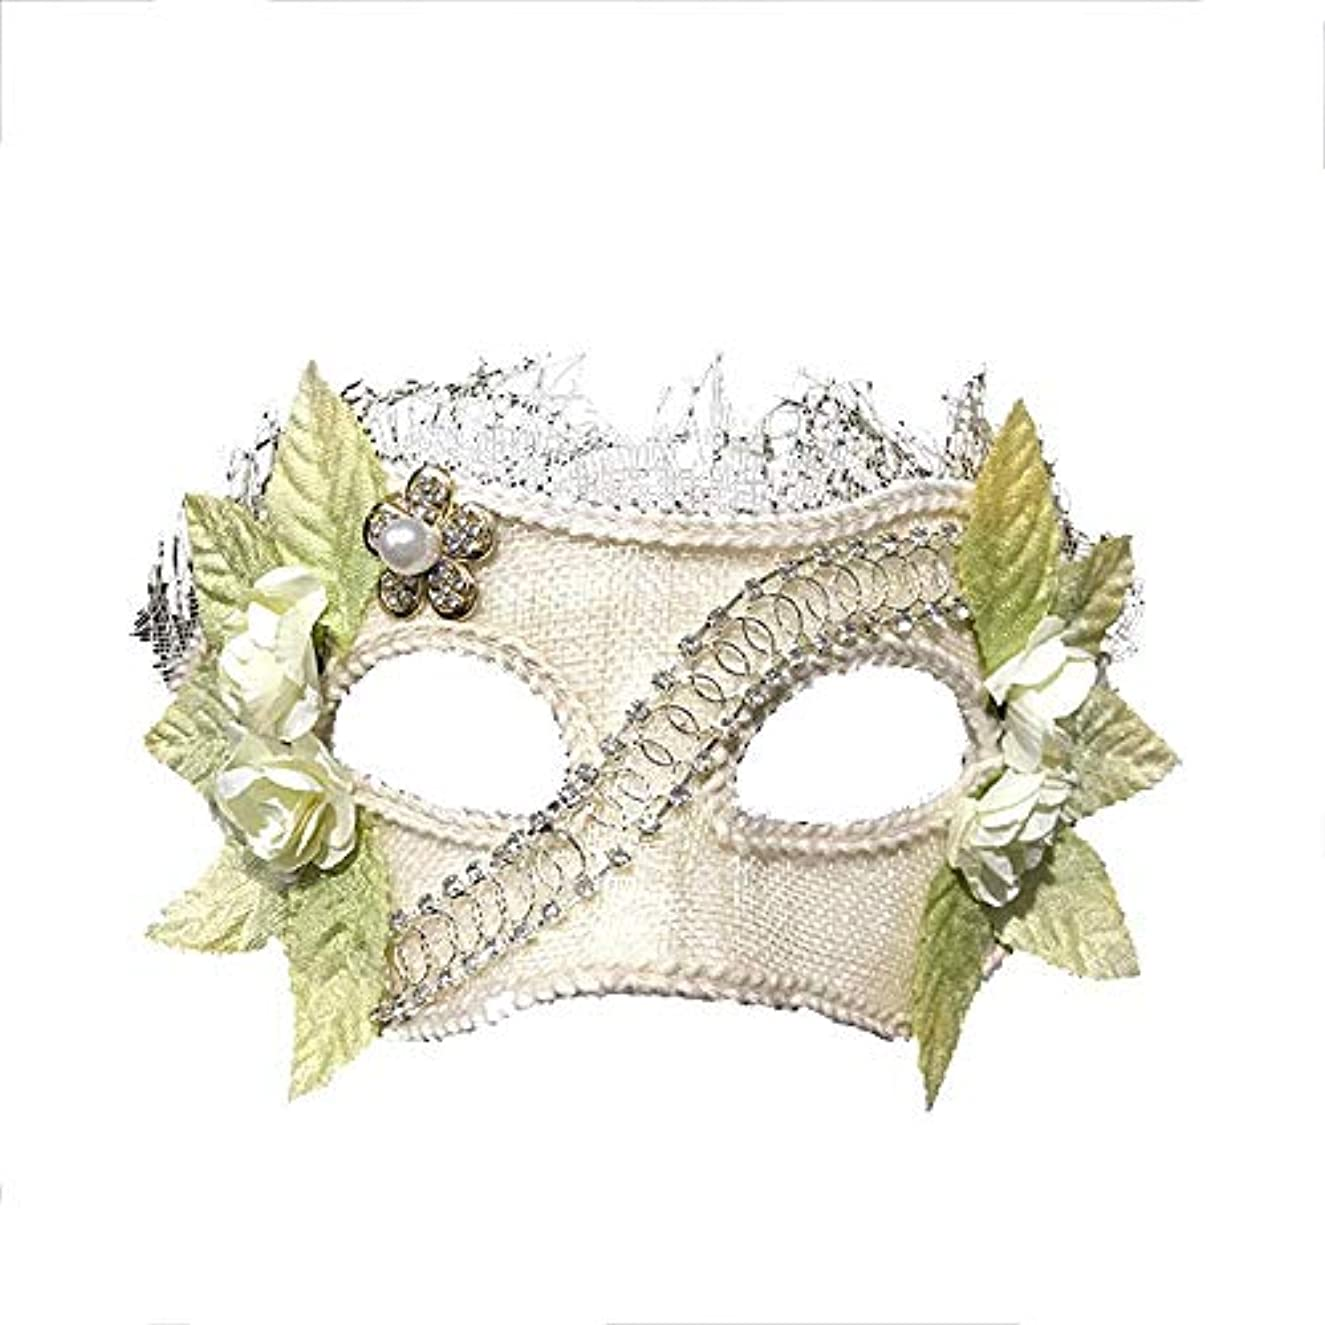 焦がすセッションアマチュアNanle ハロウィンクリスマスフラワーフェザービーズマスク仮装マスクレディミスプリンセス美容祭パーティーデコレーションマスク (色 : Style A)